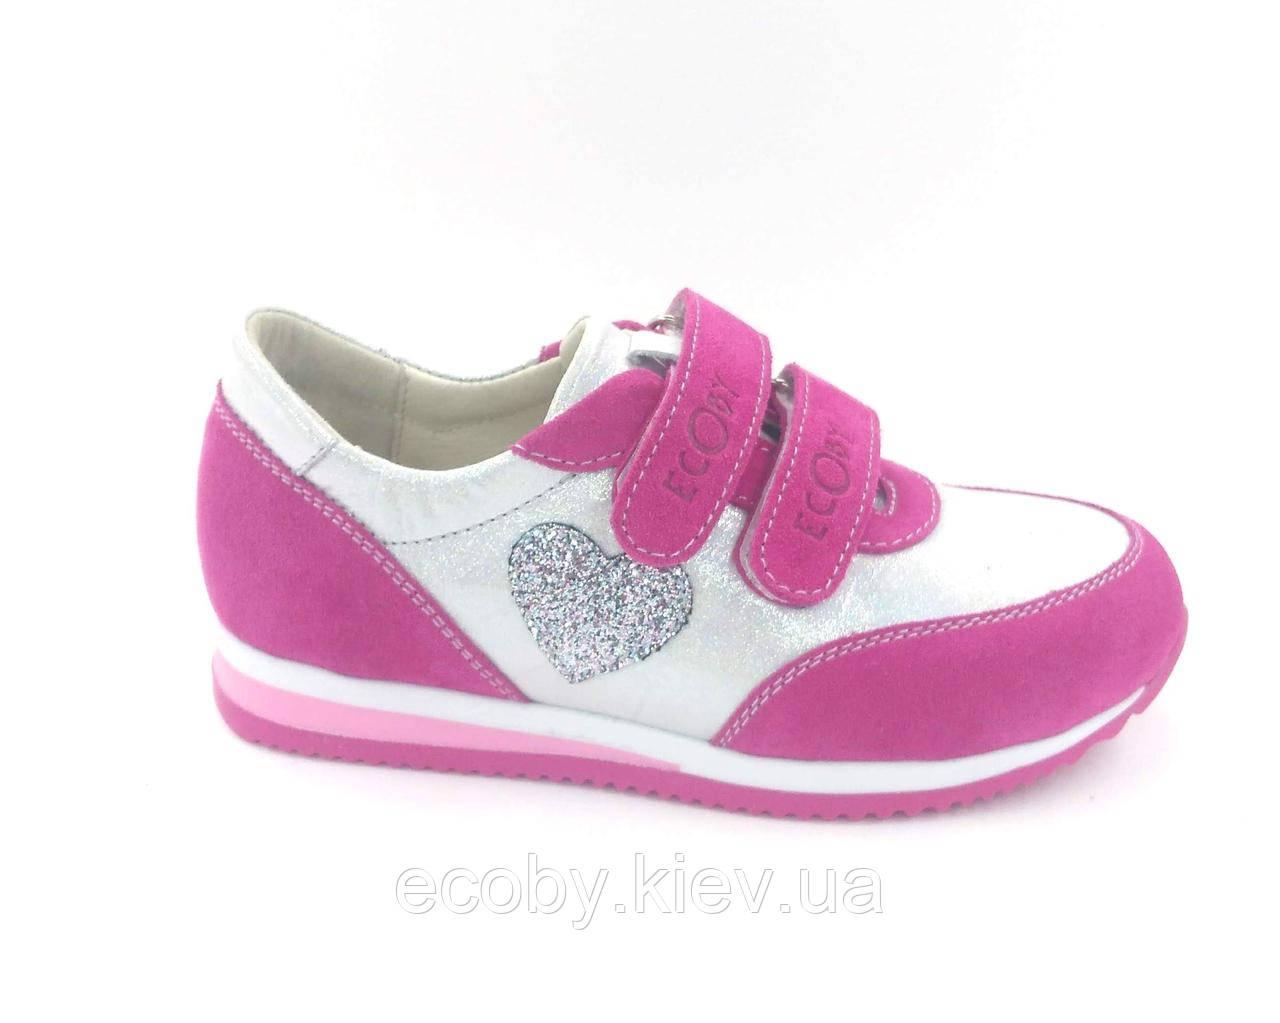 Ортопедичні кросівки Ecoby 8817 р. 20-30